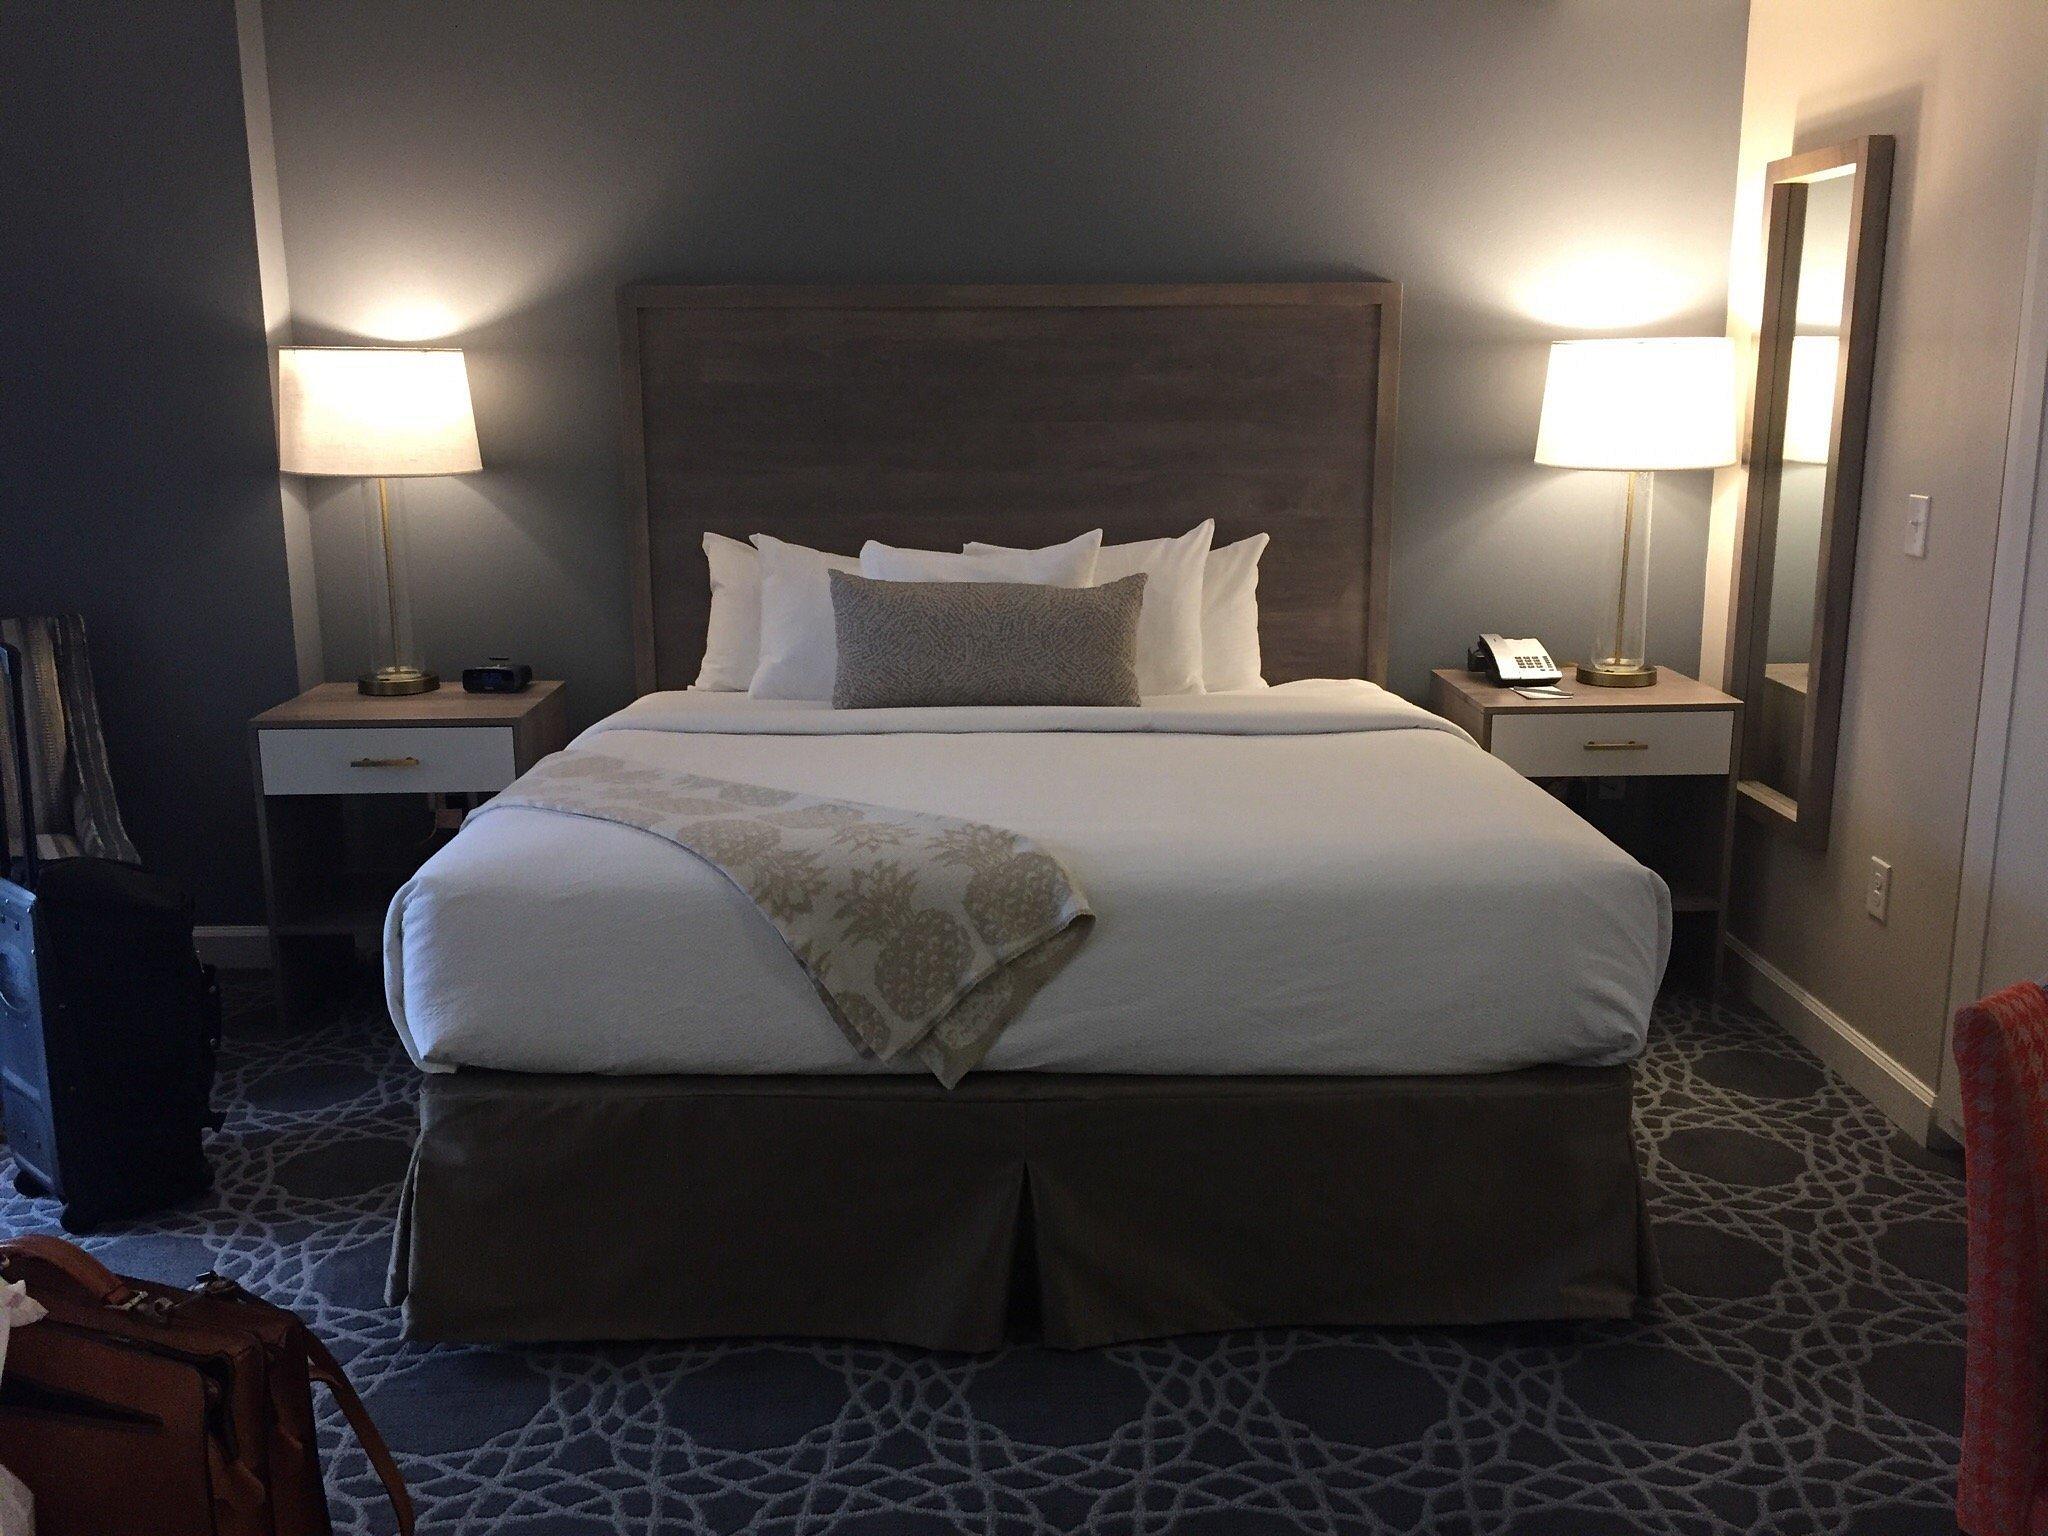 Bluegreen_Vacations_King_Street_Resort_Room_78d626bb86.jpg